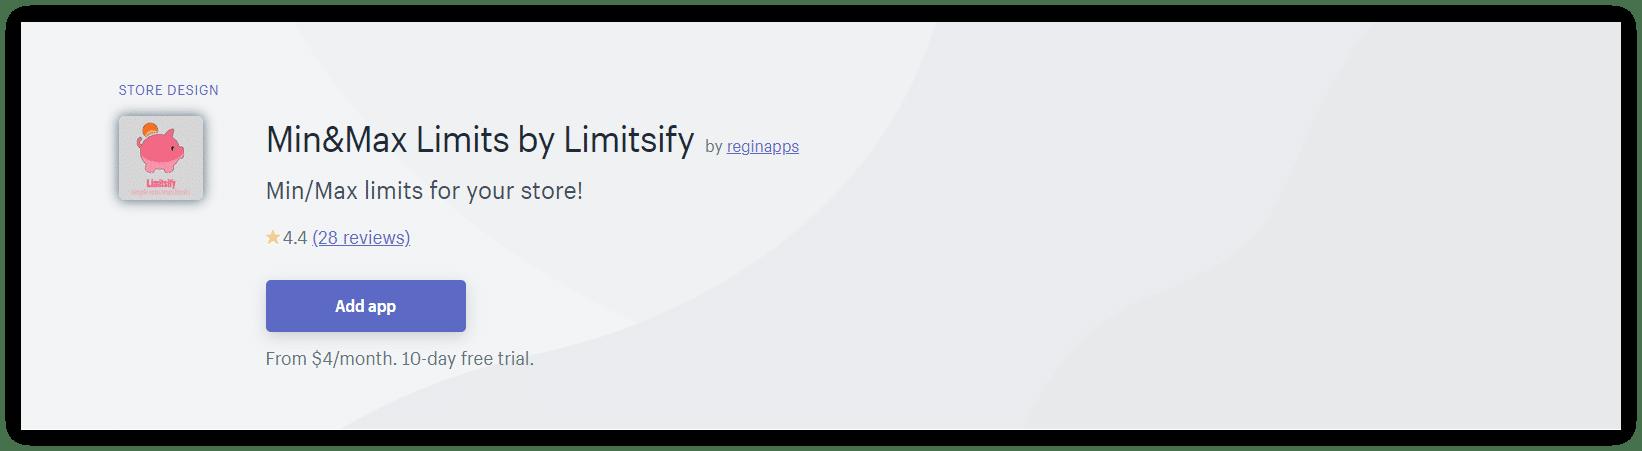 Min&Max Limits by Limitsify